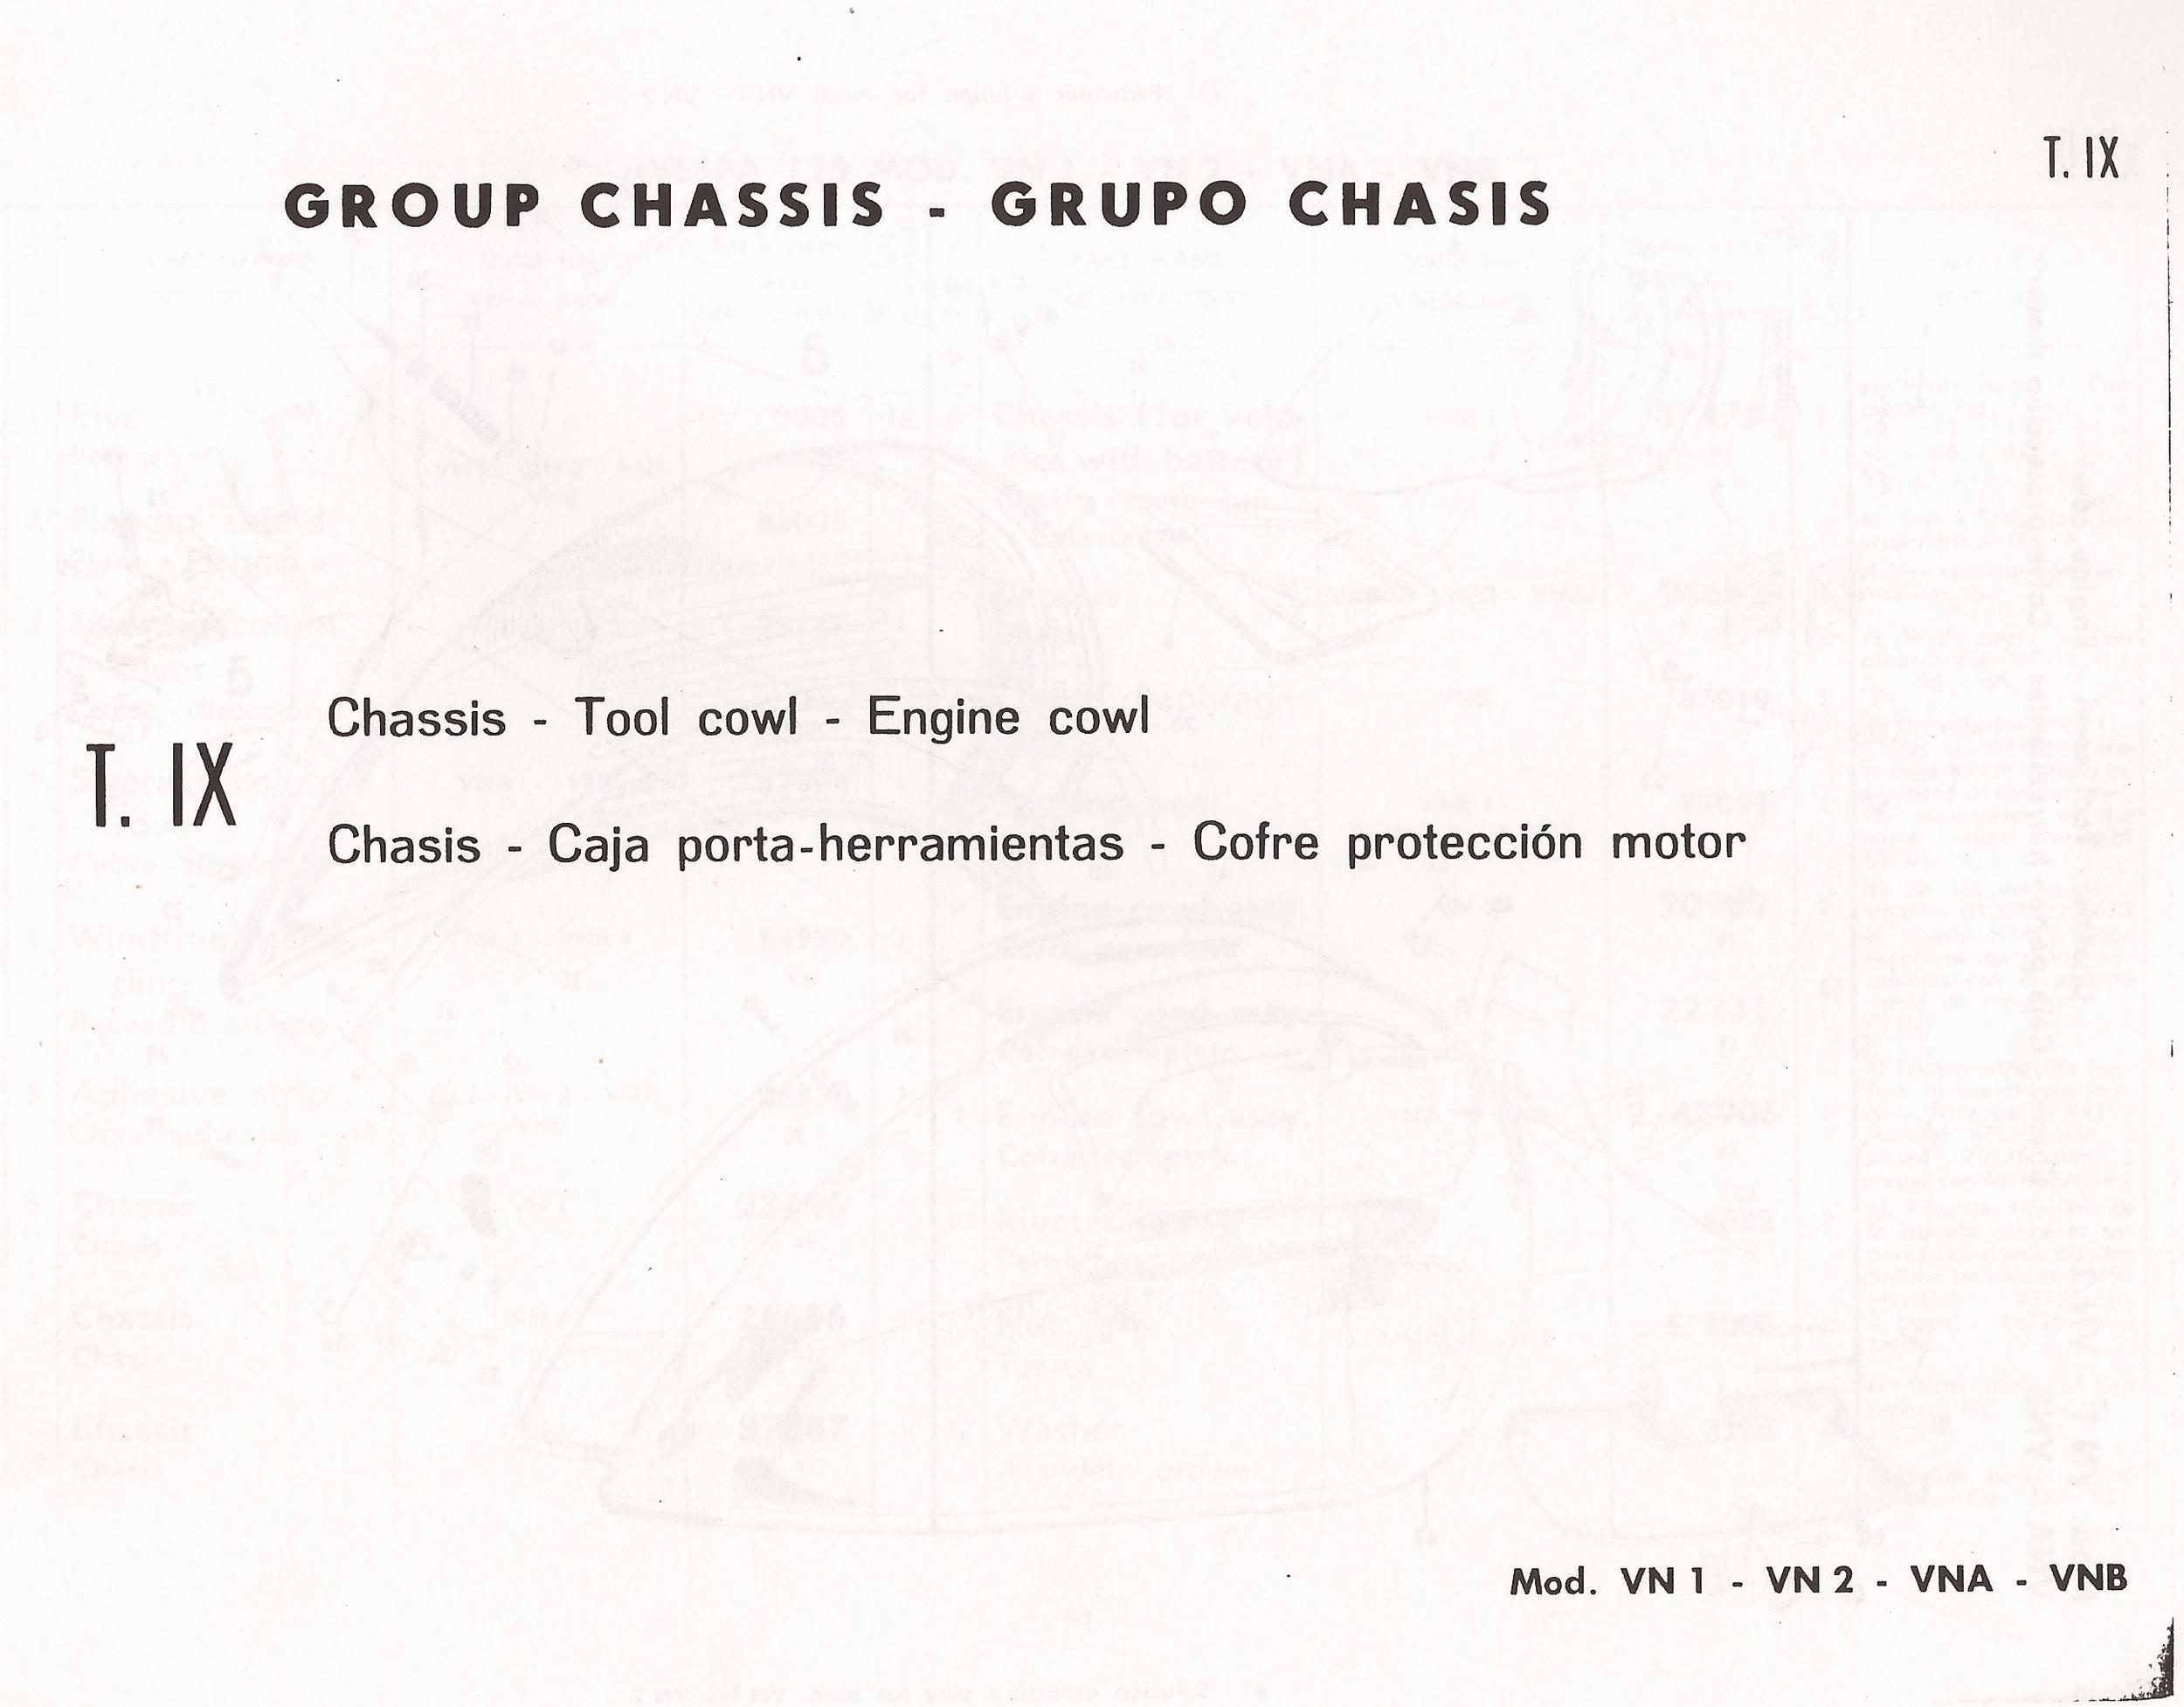 07-16-2013 vespa 125 catalog manuel 83.jpg